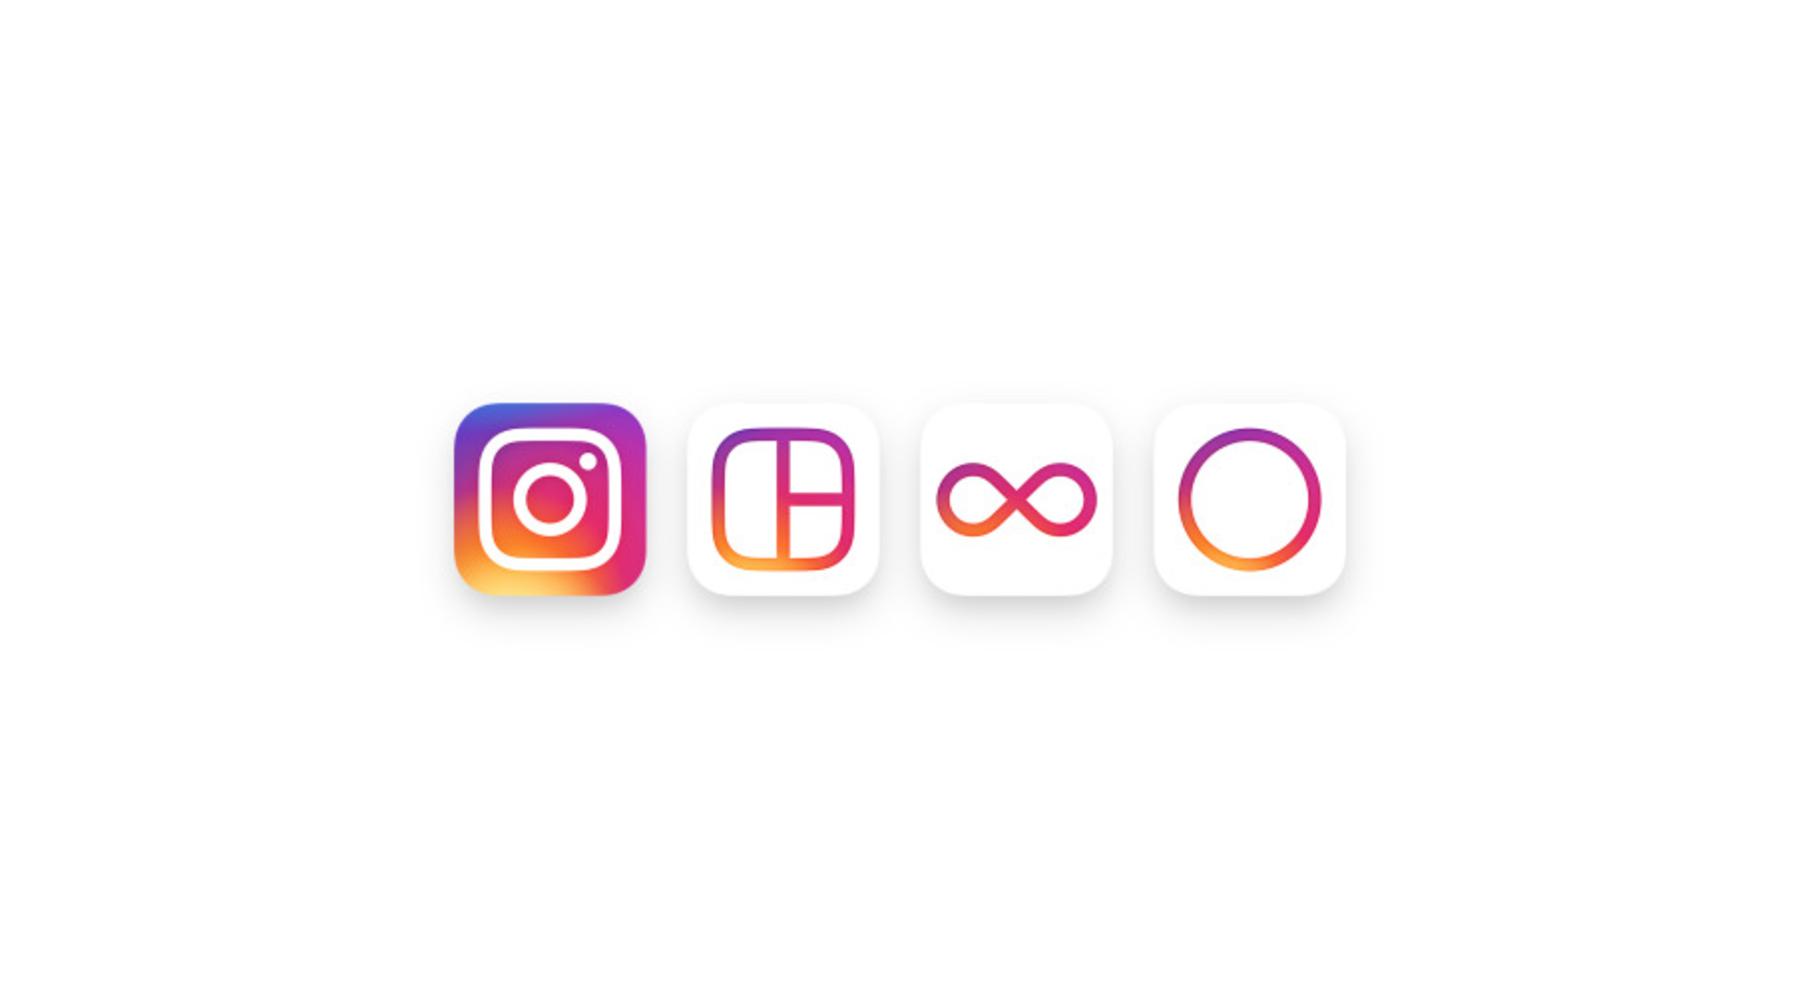 Instagram's new logo prompts retro complaints - Marketplace